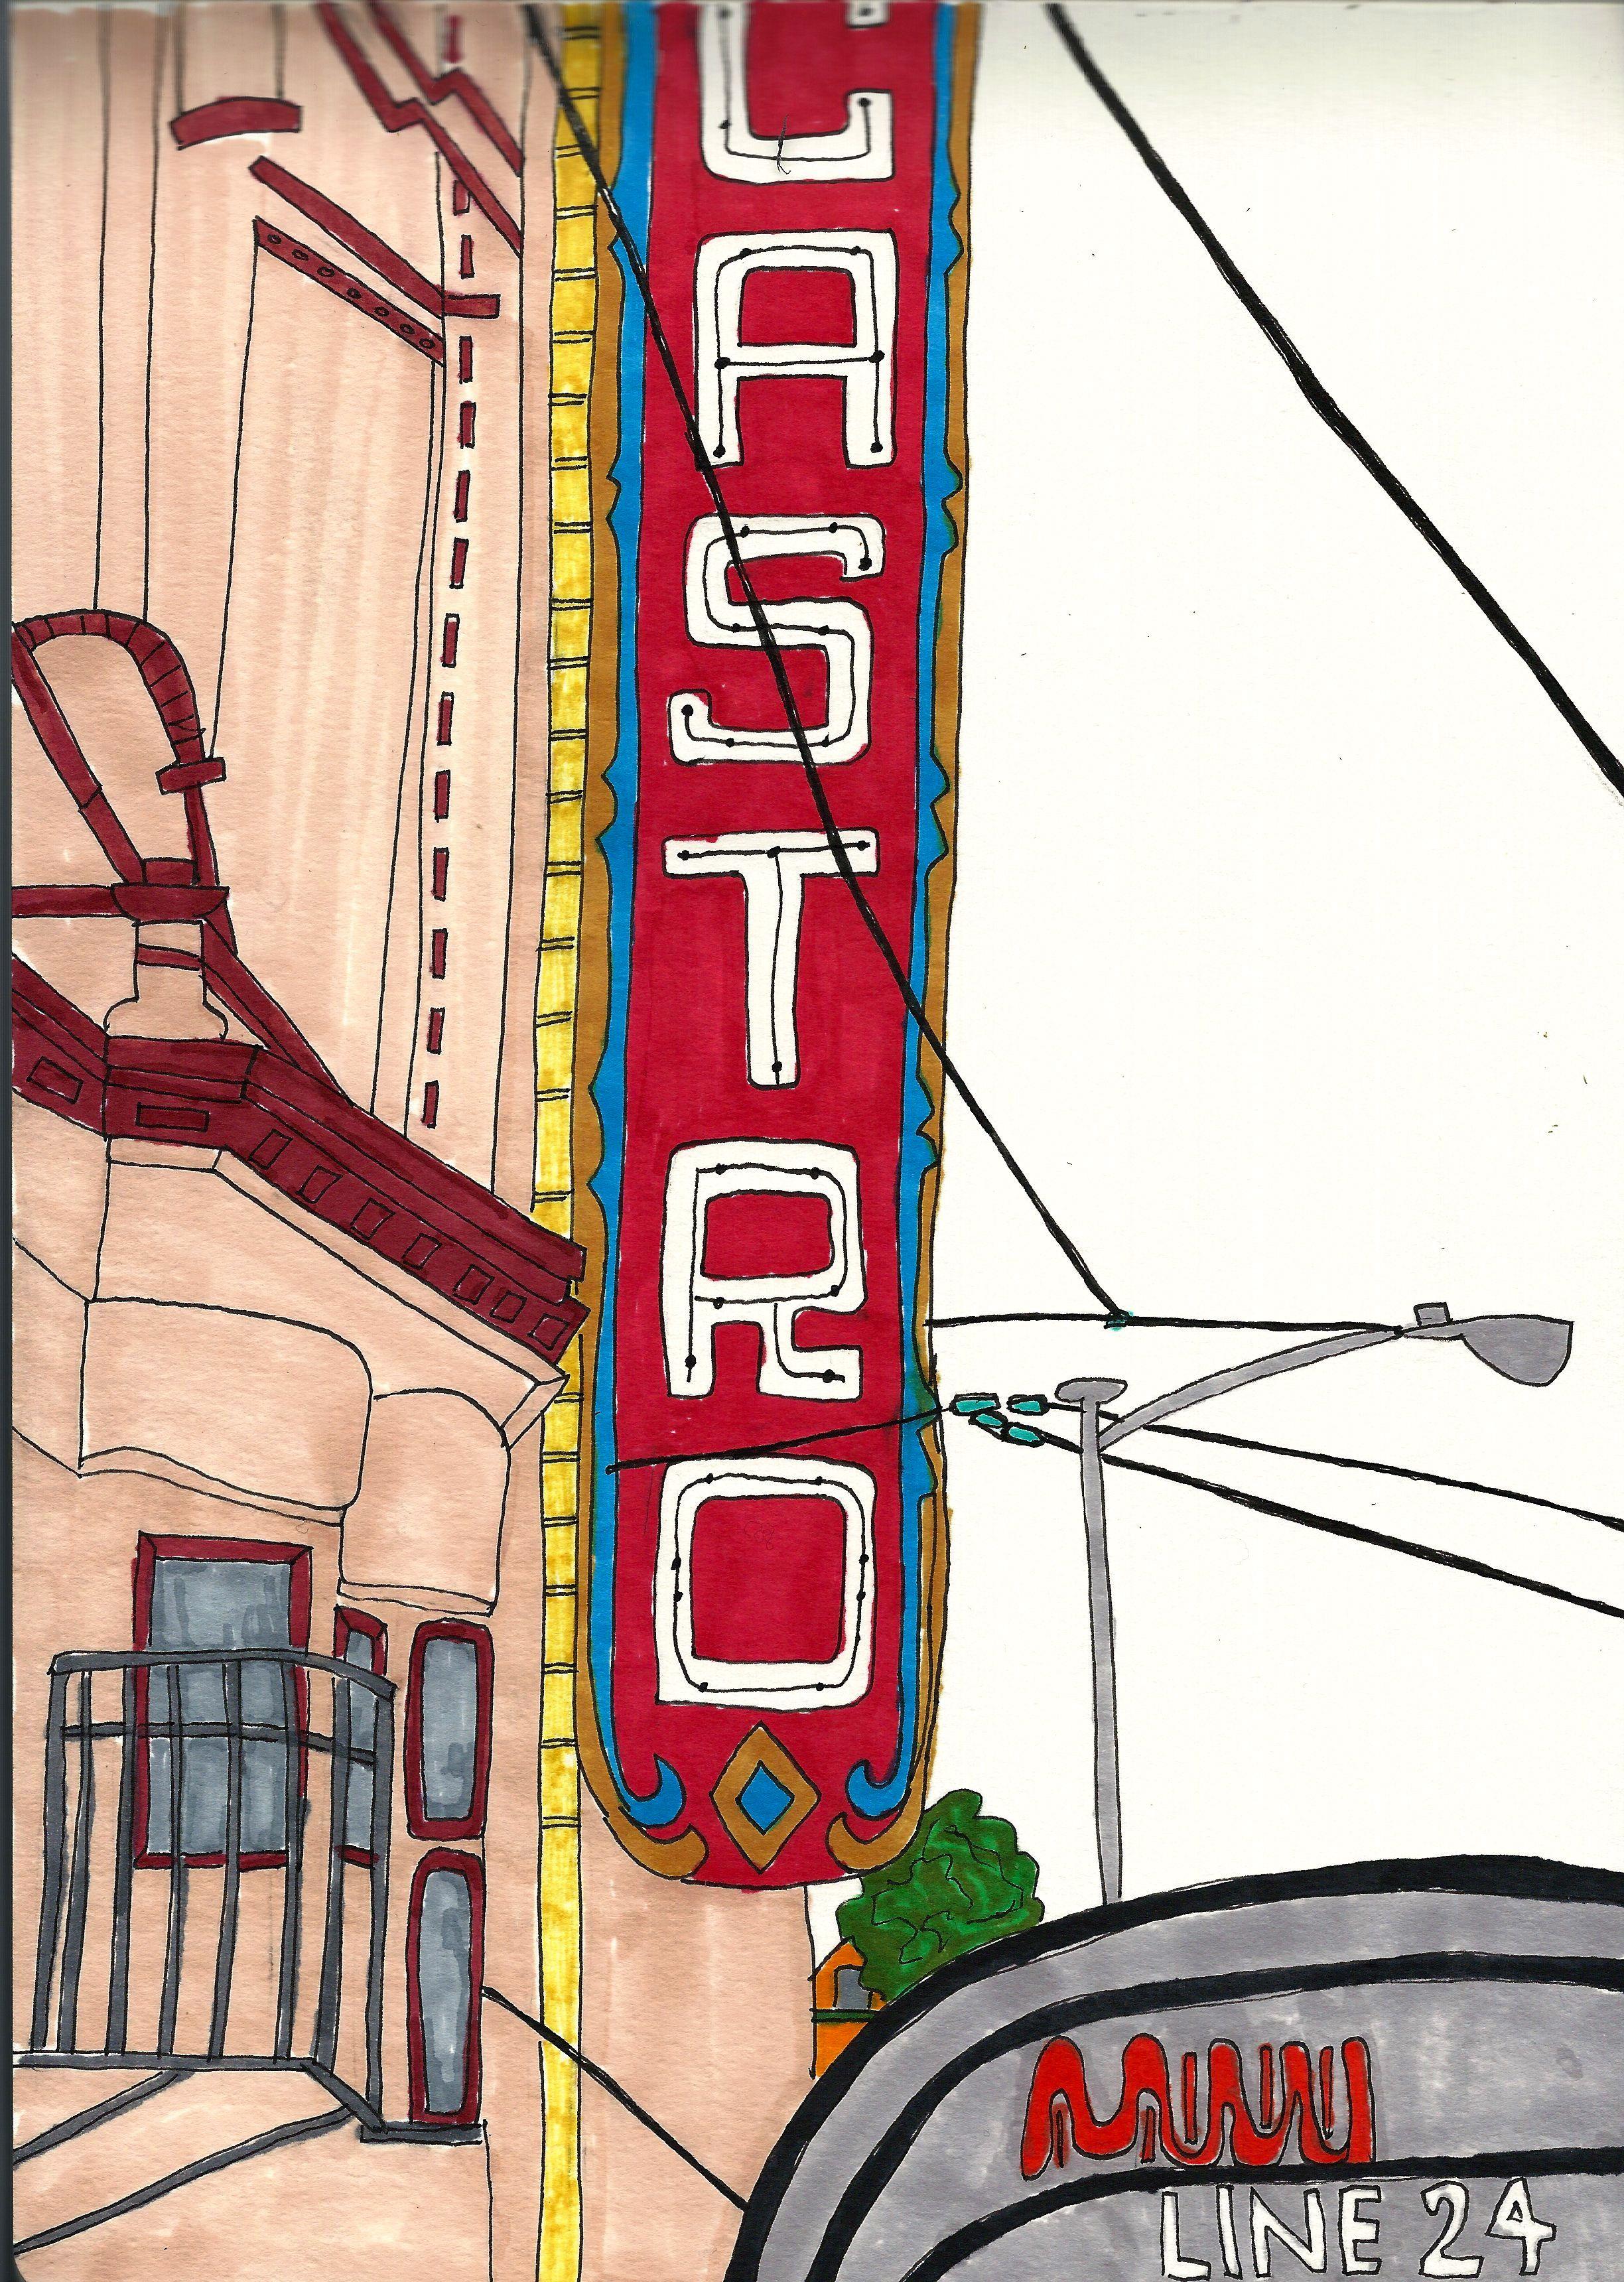 Castro, San Francisco. #travel #California #SanFrancisco #Castro #theater #architectural #drawing #illustration